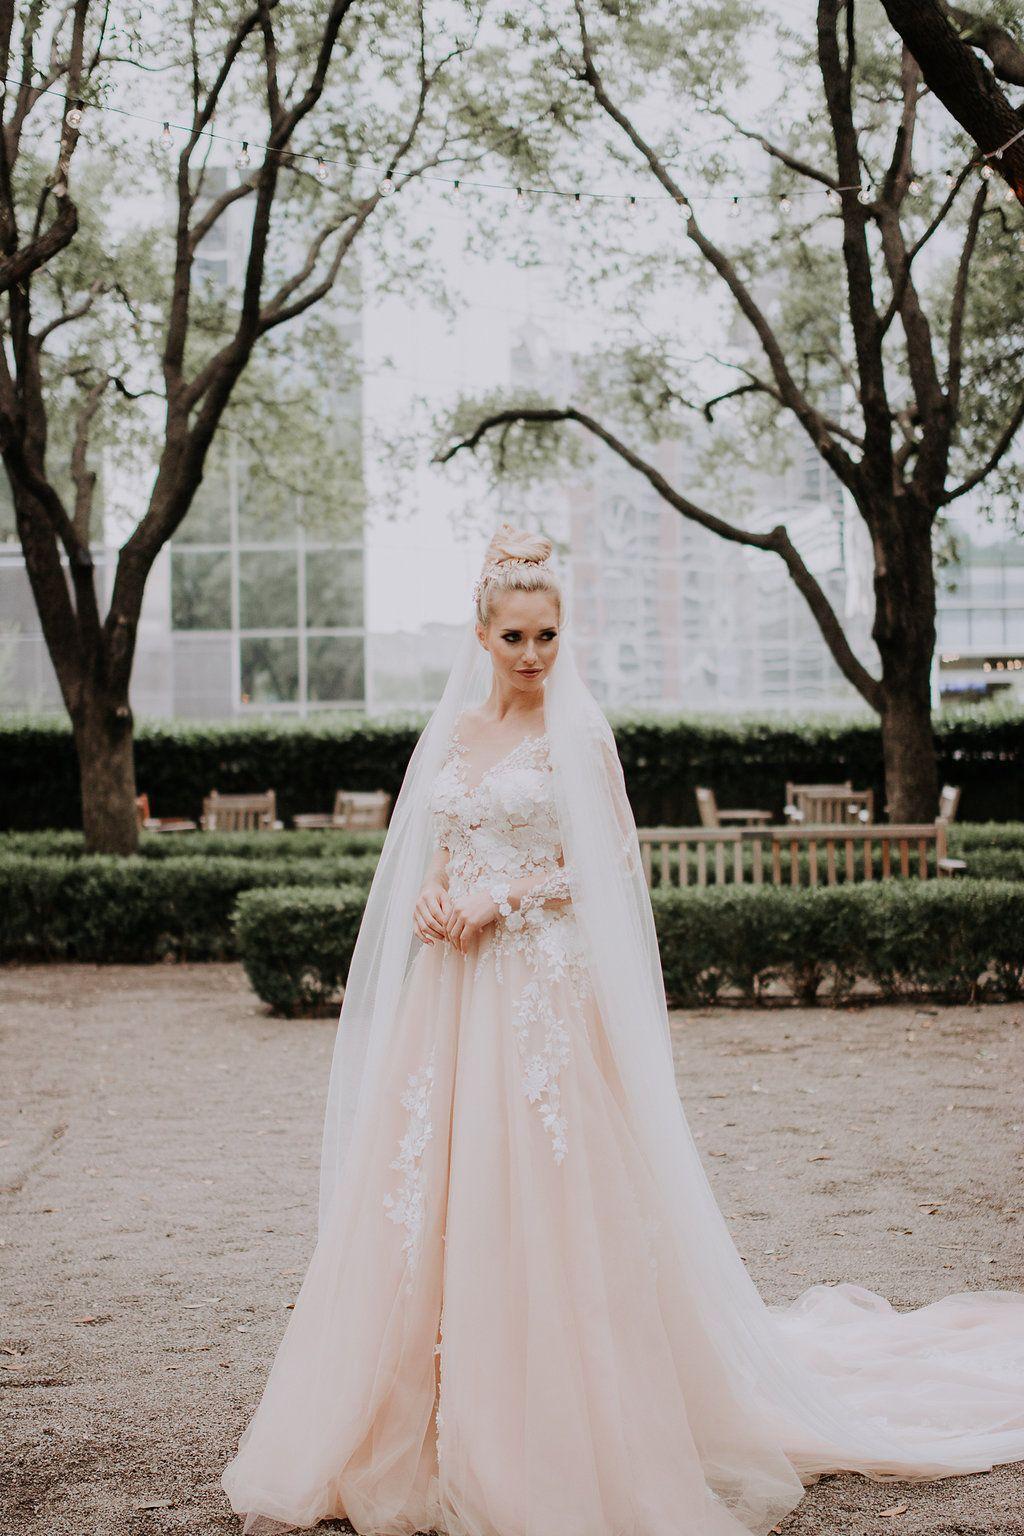 ac2d434438484 Urban Garden Wedding Photoshoot - The Blushing Bride boutique in Frisco,  Texas